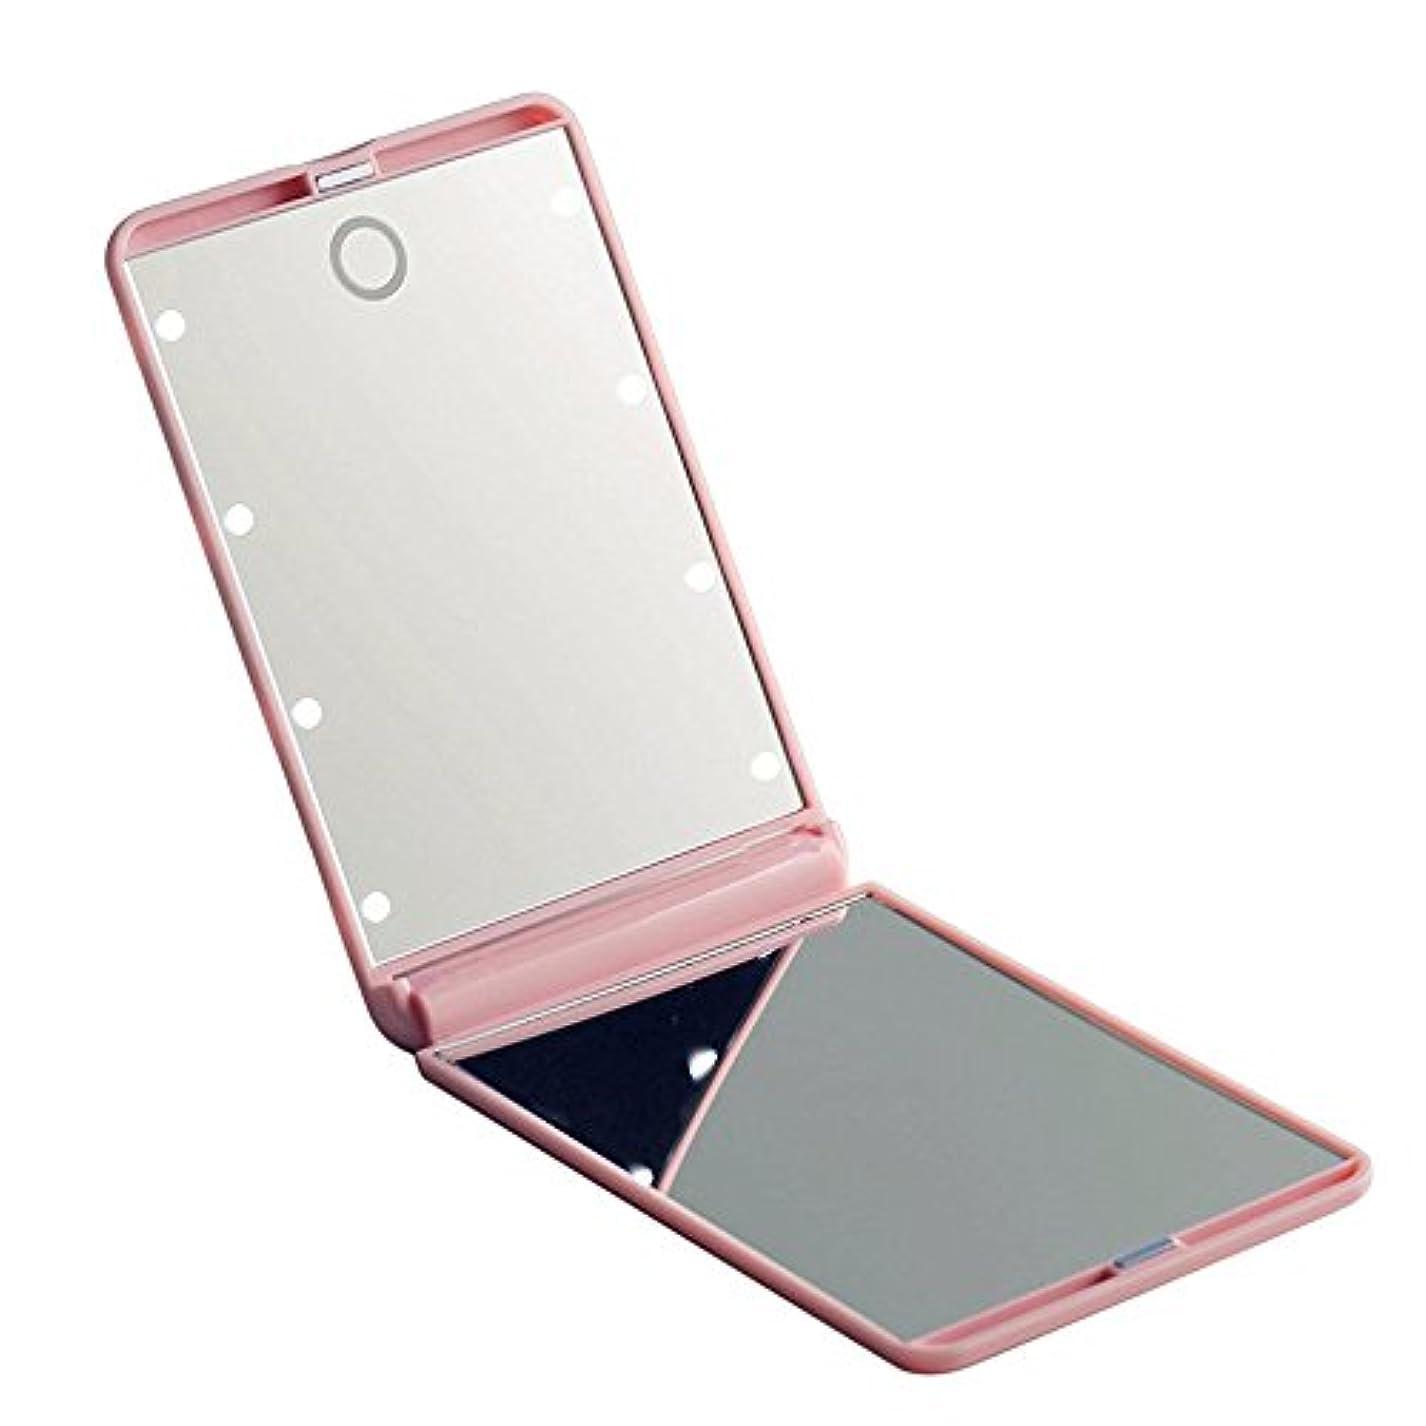 閲覧する焦げなめるled化粧鏡 二面鏡 折りたたみ式 LEDライト メイクミラー 明るさ調整 コンパクトミラー 2倍拡大鏡付 ピンク